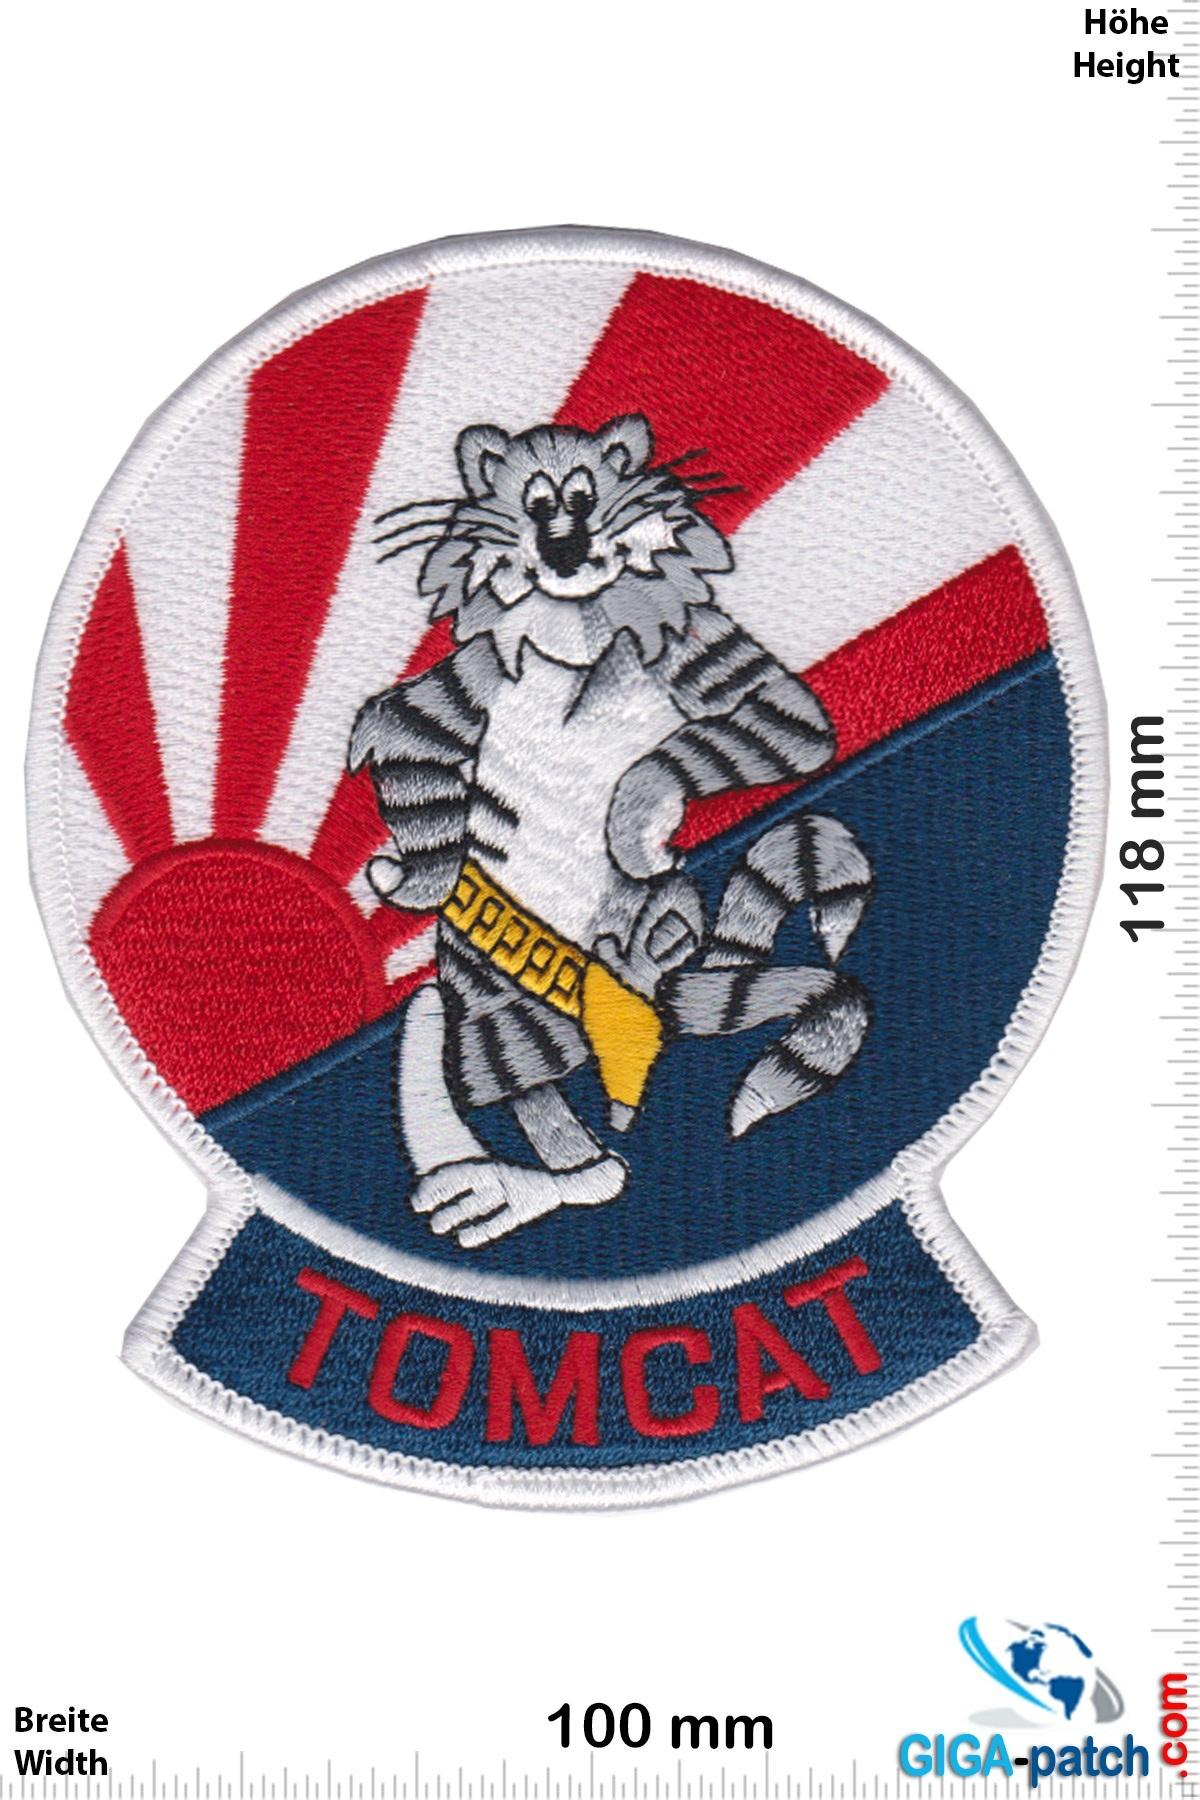 U.S. Navy USN F-14 TOMCAT F-14 FIGHTER SQN JAPAN TOMCAT- HQ